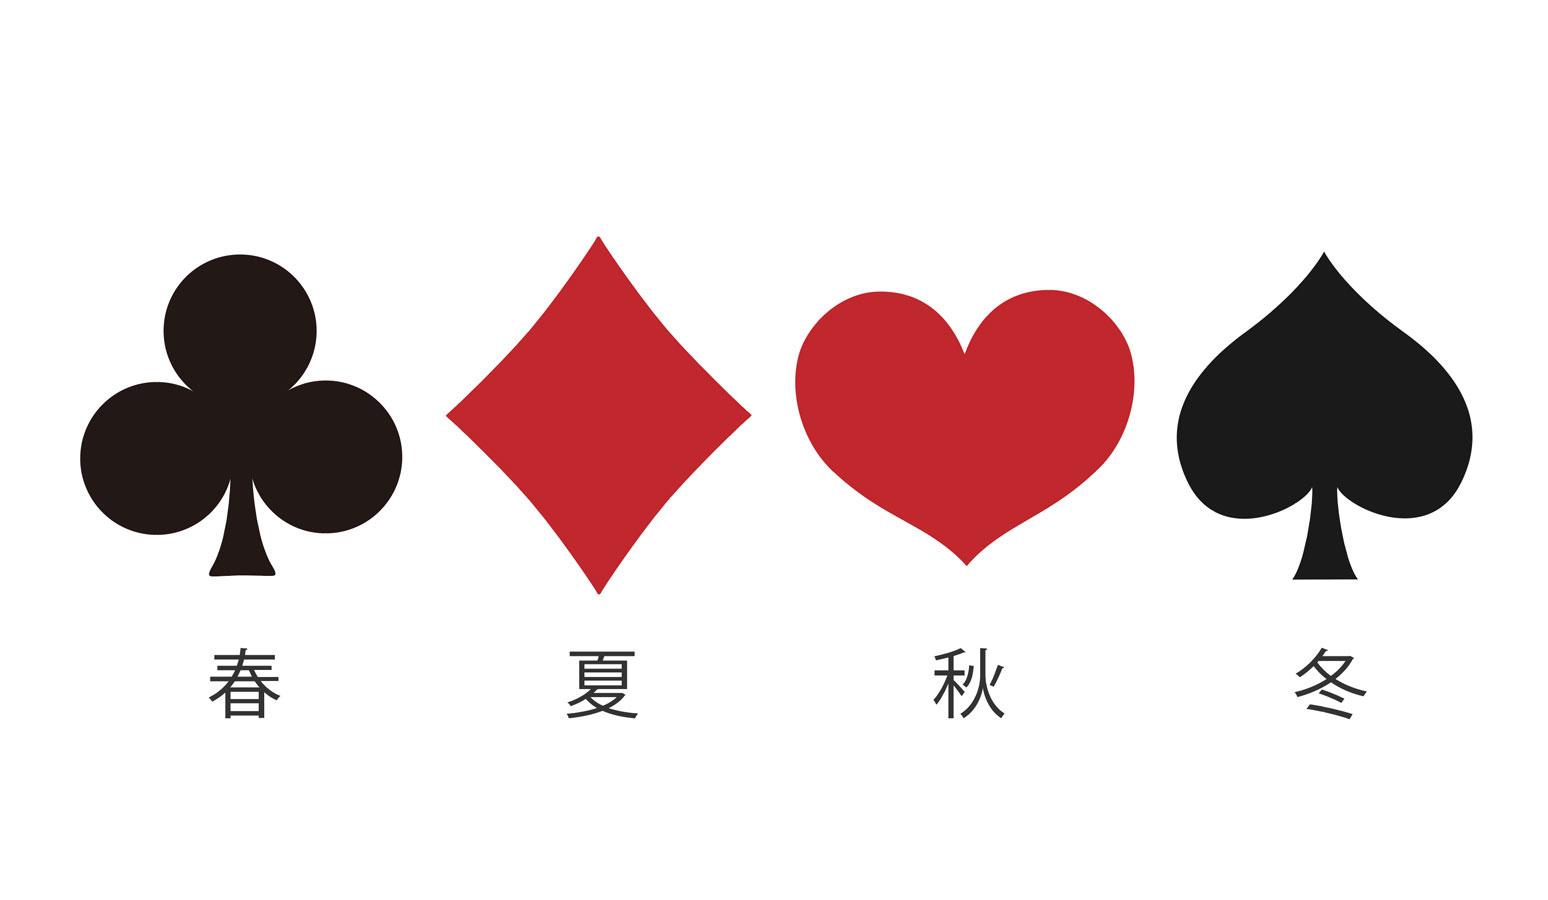 トランプの4種類の絵札(スート)の意味